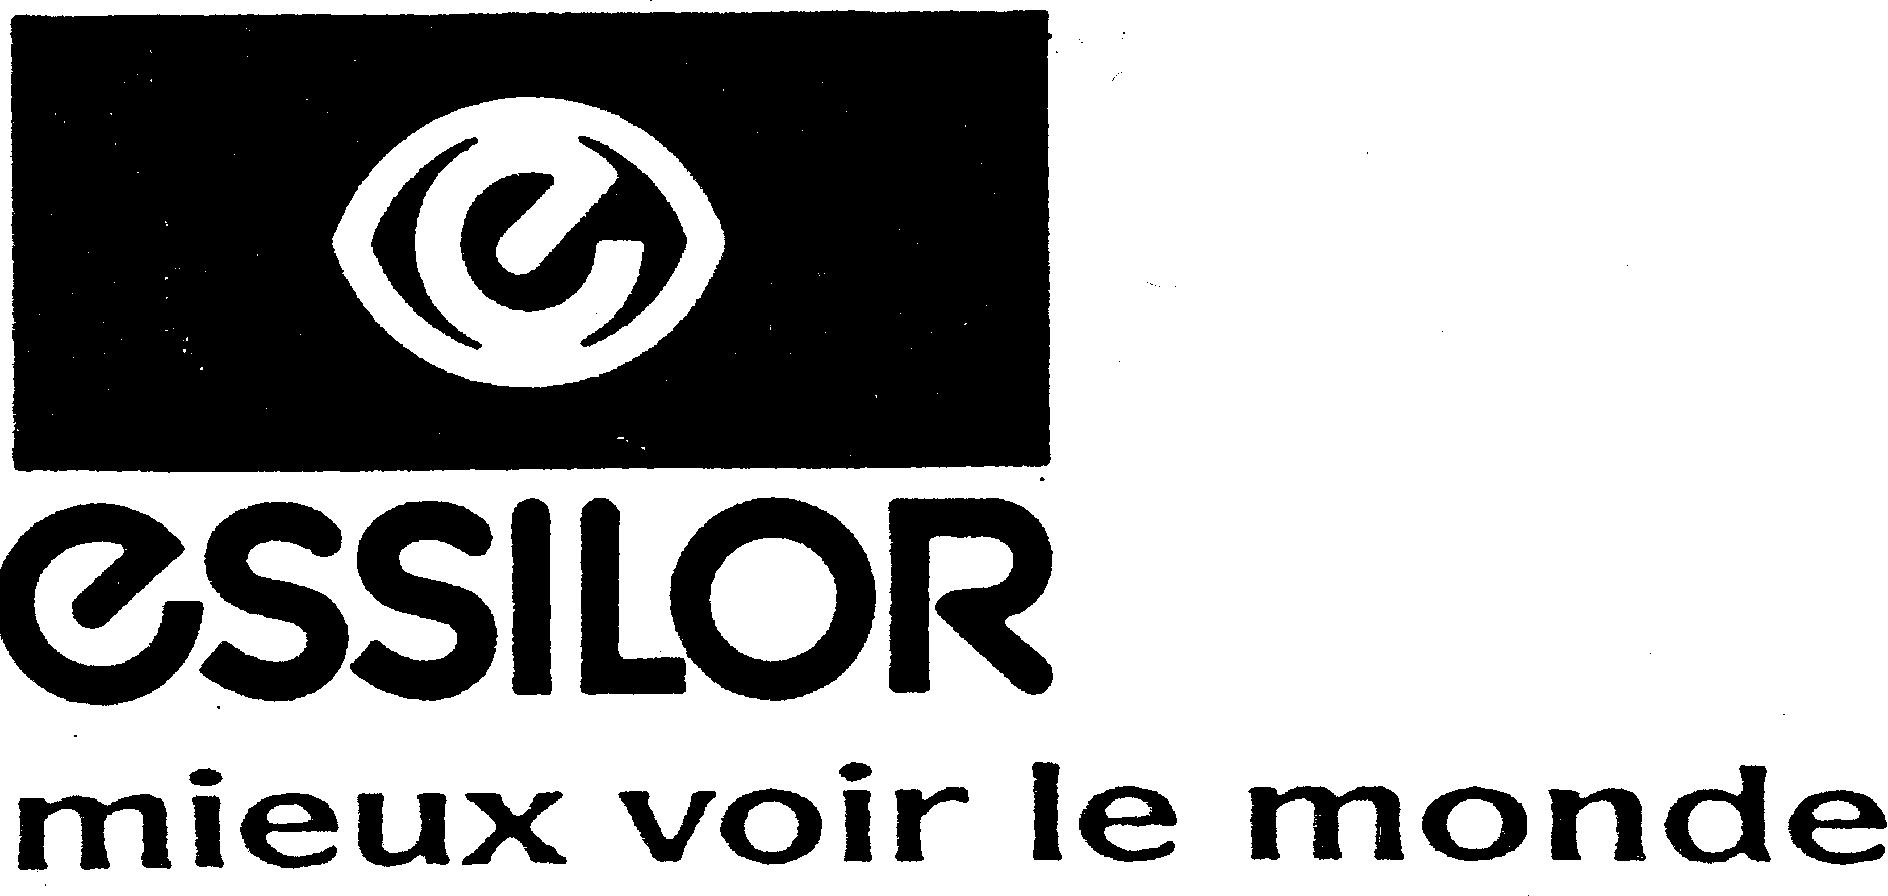 Marken-ID: 2P-447480